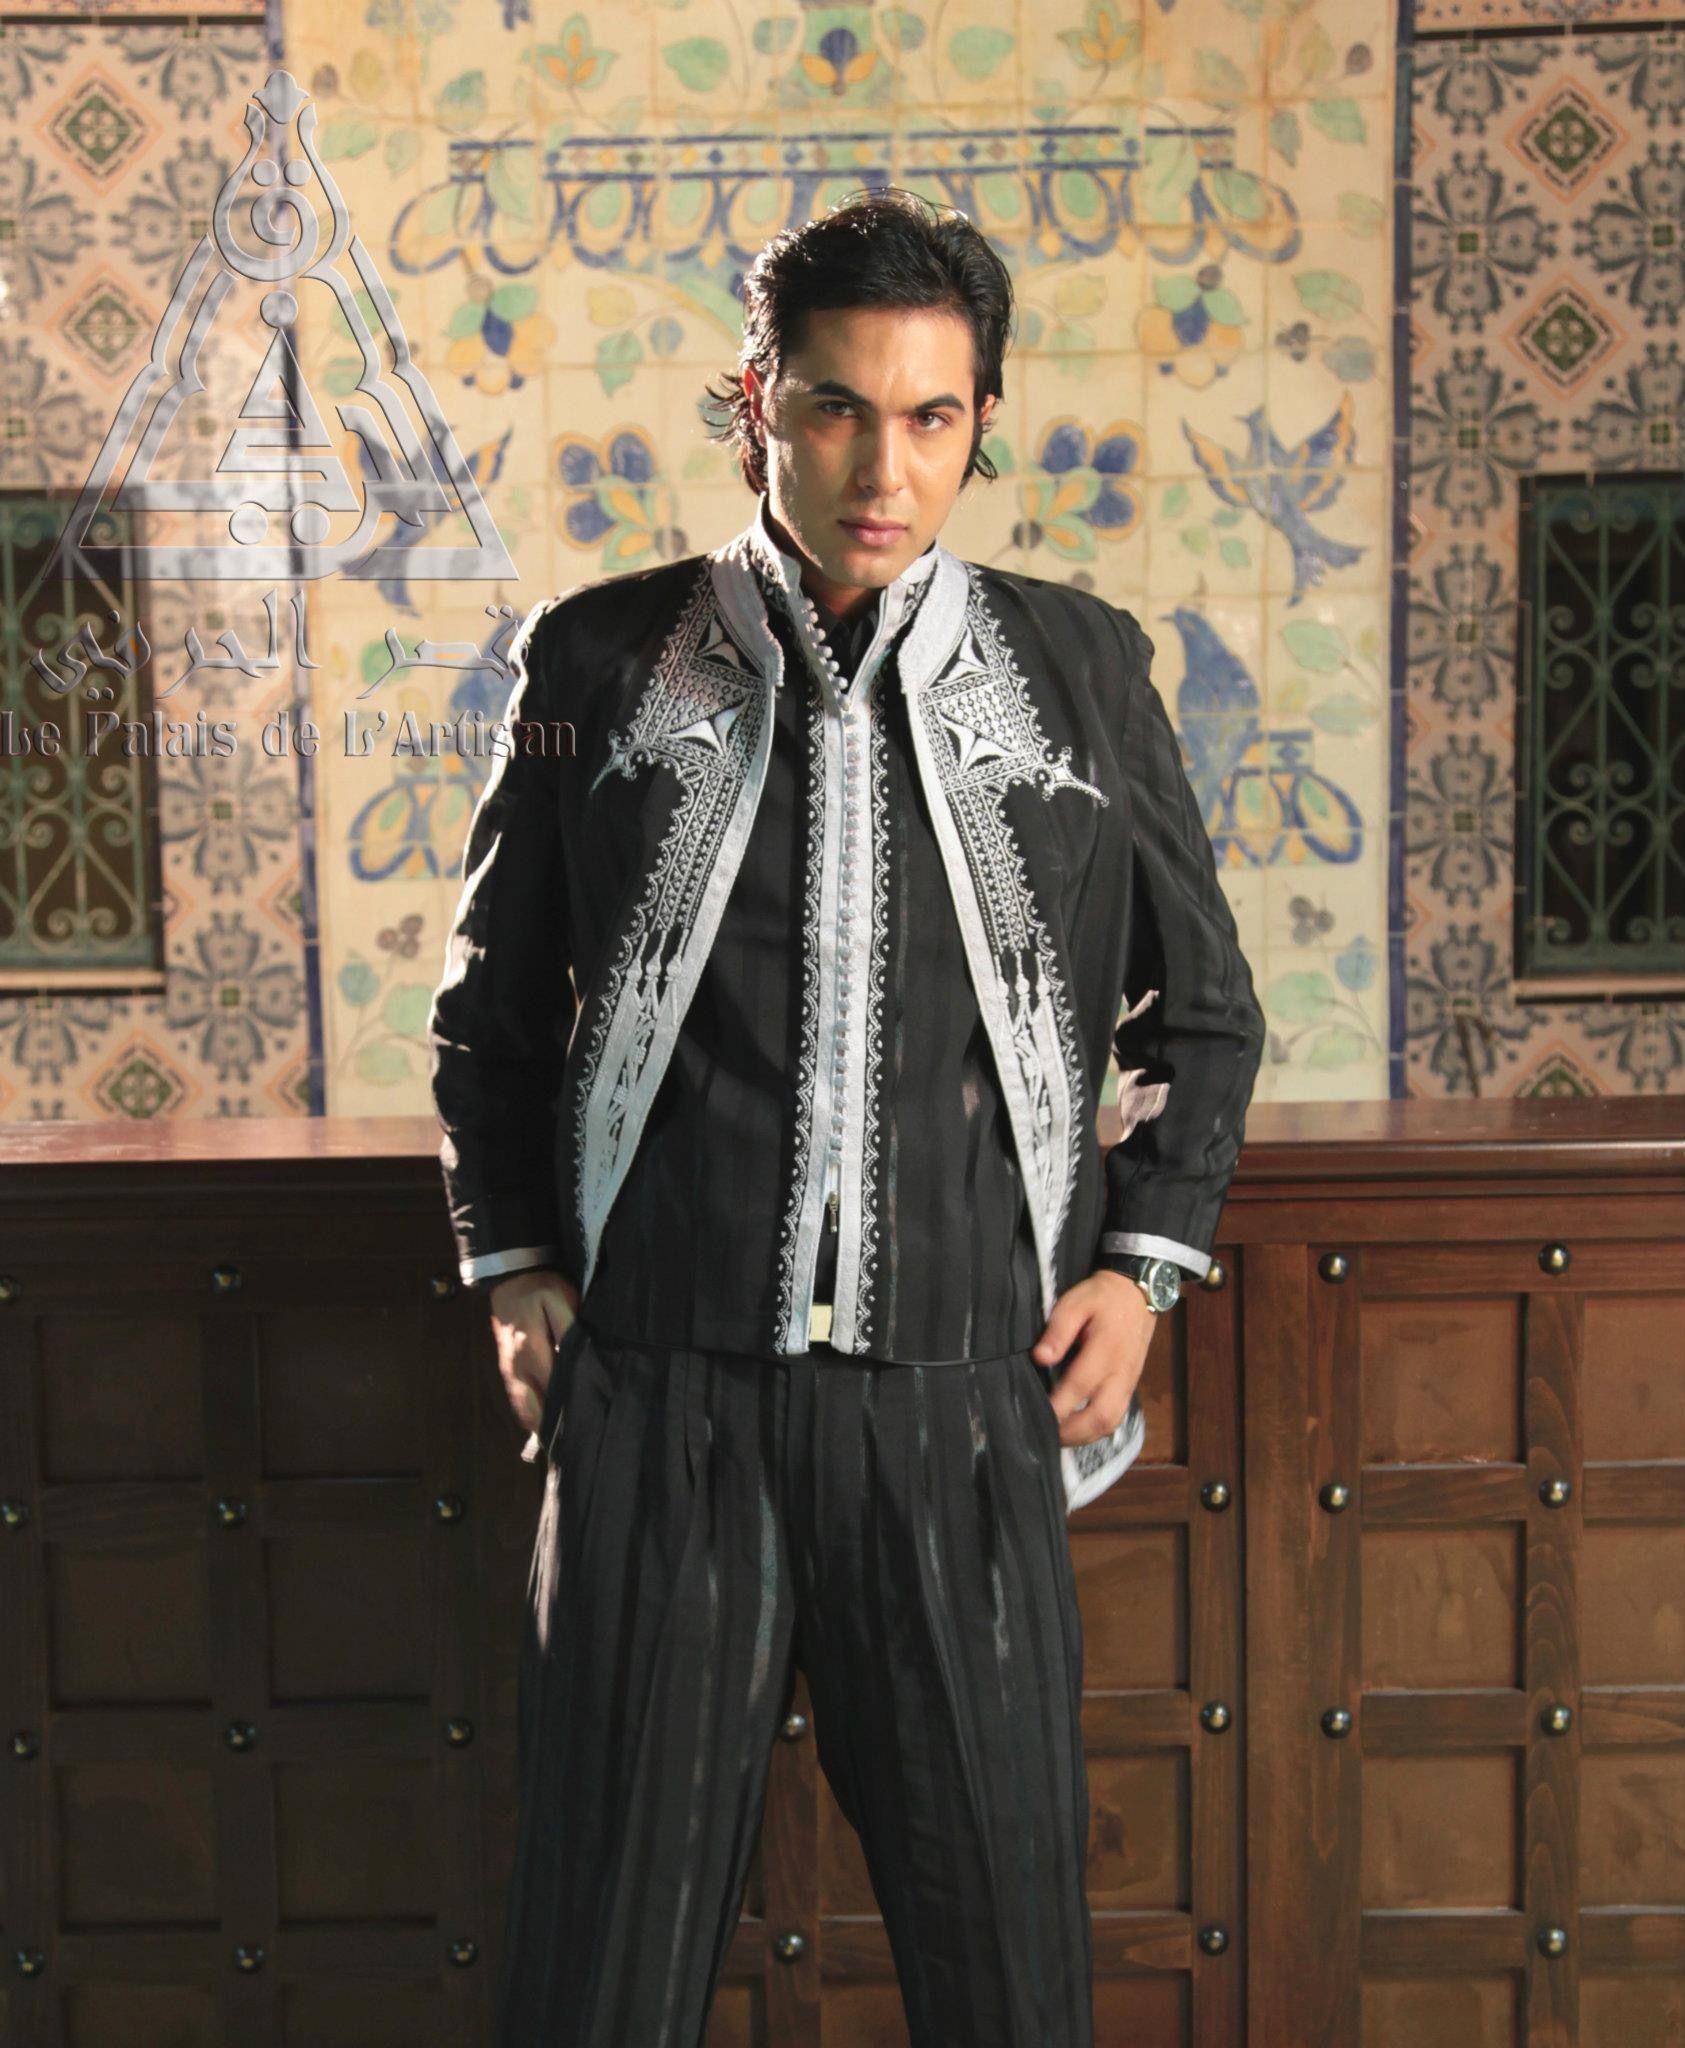 costume tunisien pour homme traditionnel revisit avec tissu en soie tiss main et broderie au. Black Bedroom Furniture Sets. Home Design Ideas